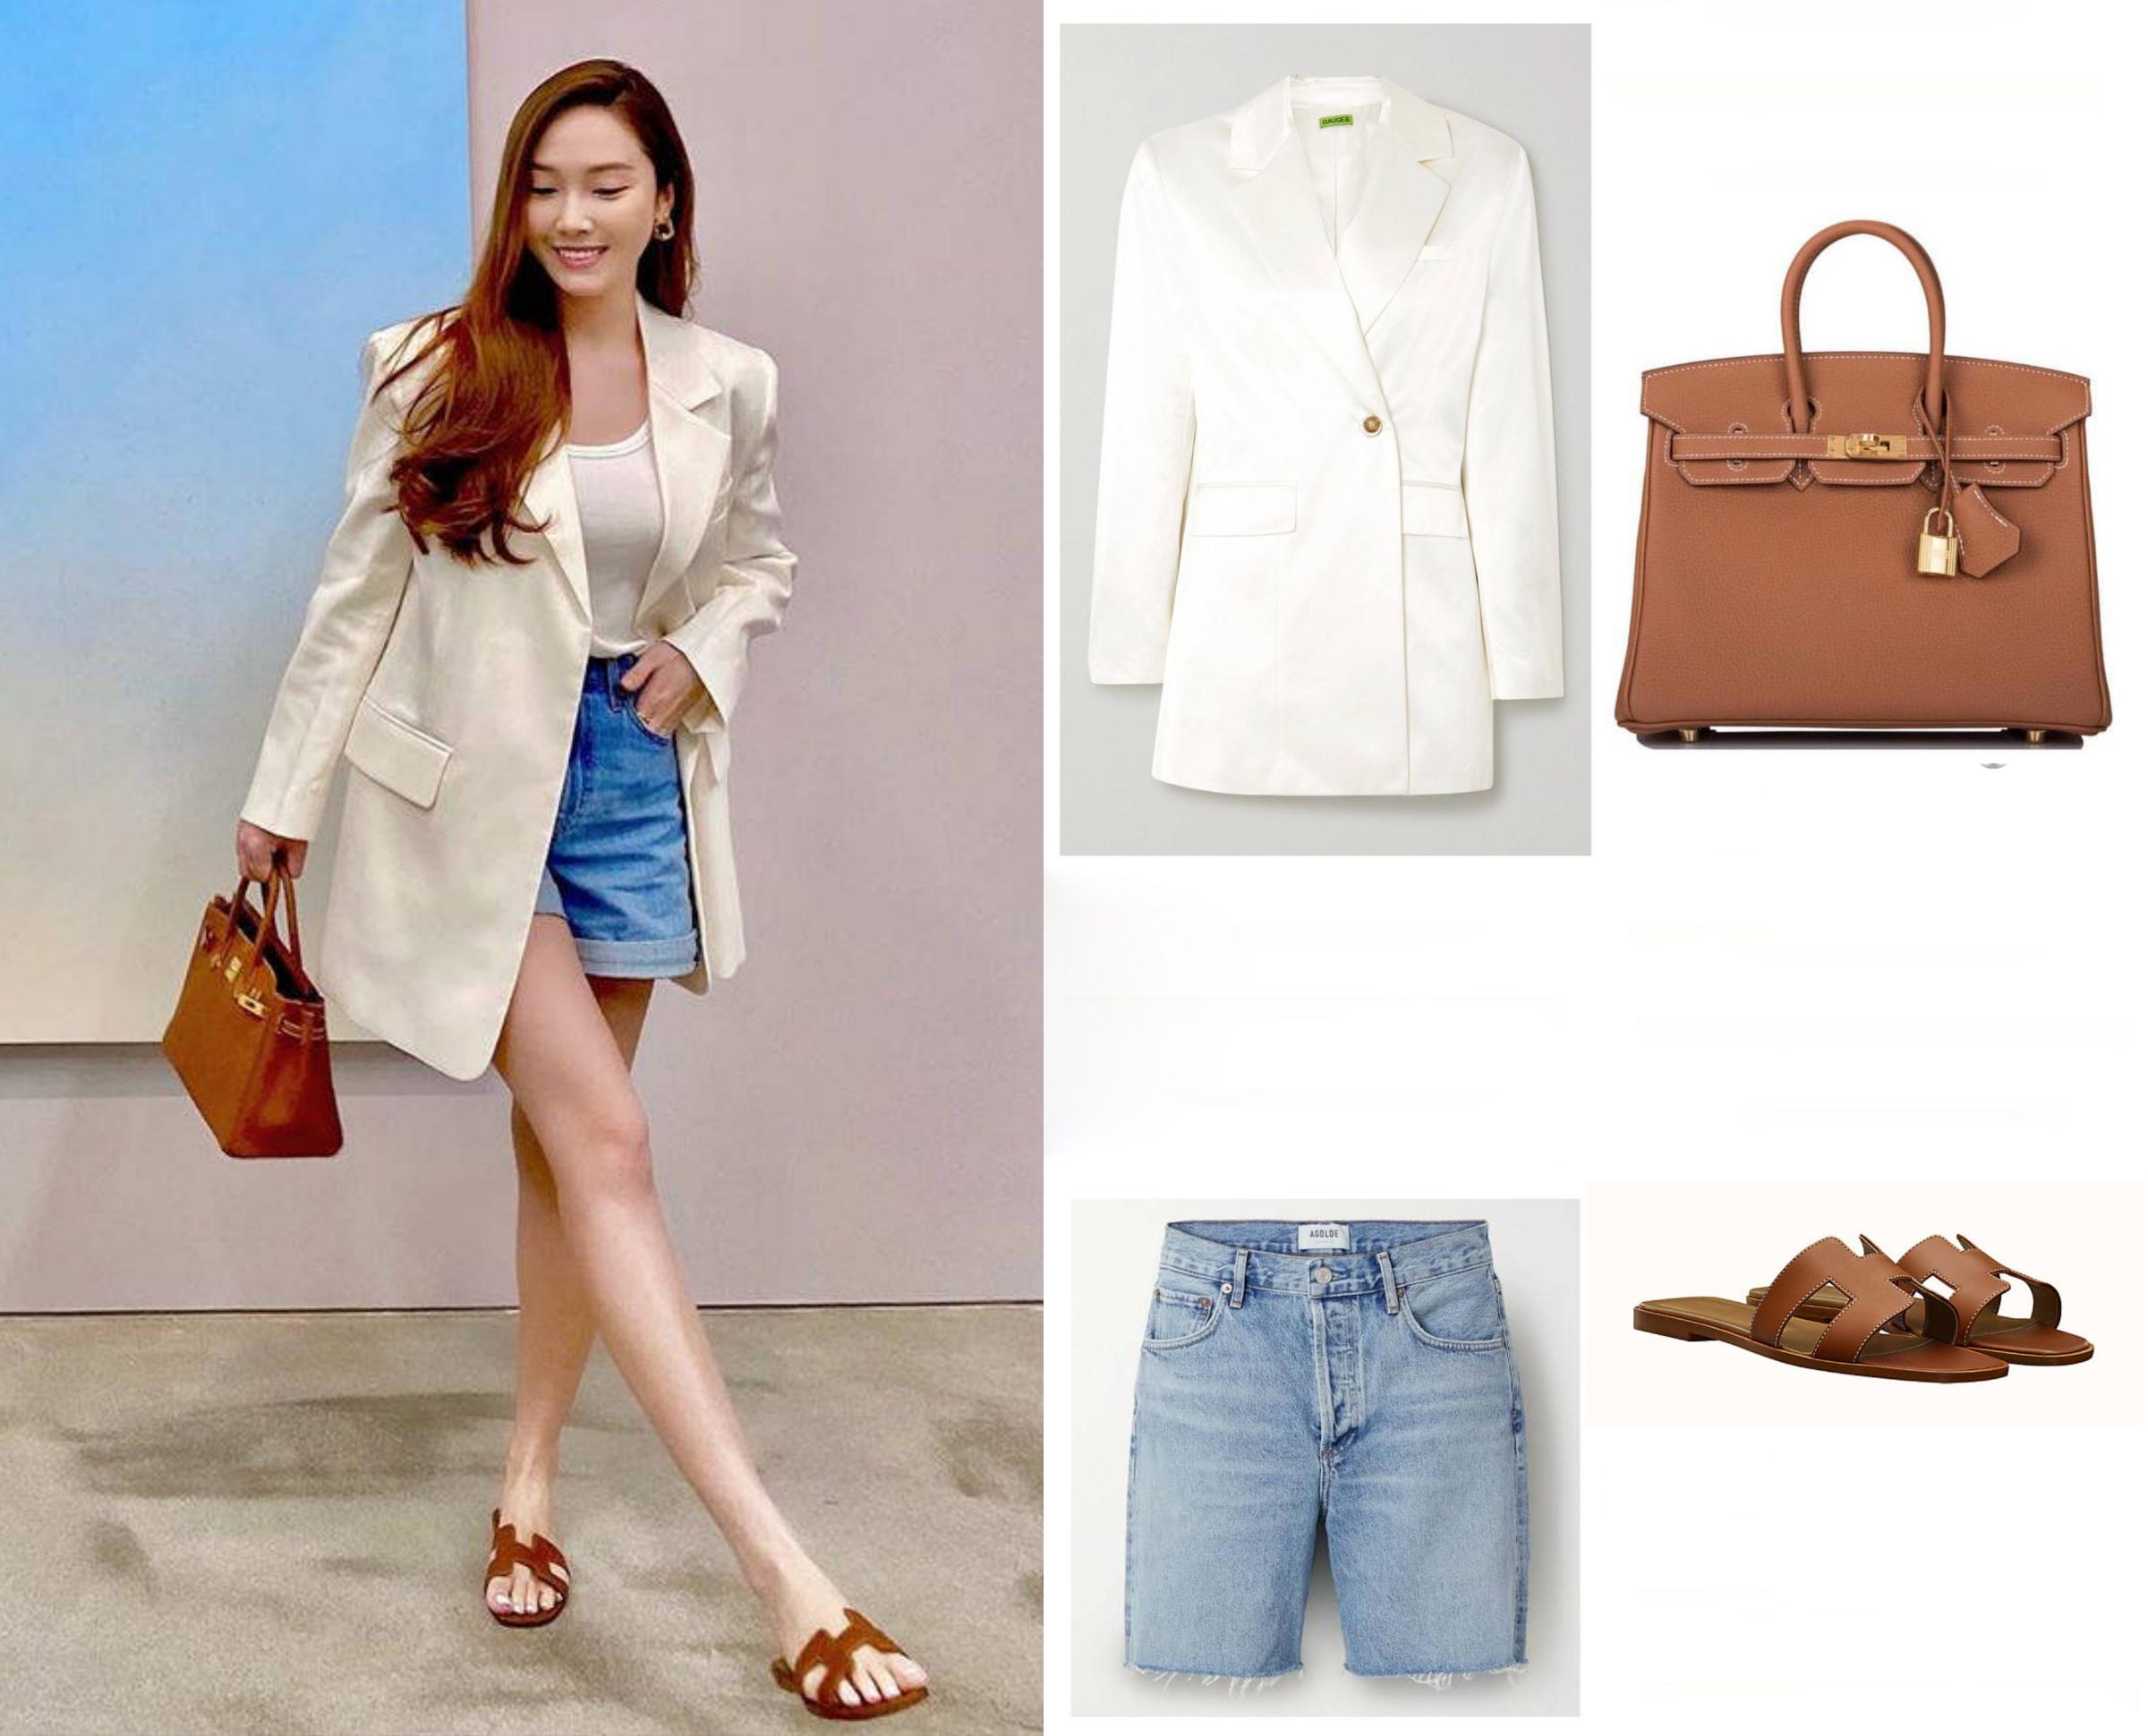 Khi dạo chơi cùng bạn bè, cô mix-match áo tank top trắng với quần short jeans hiệu Agolde, blazer của hãng Gauge81 và dép Hermes. Túi Birkin cỡ 25 cm giá 21.000 USD.